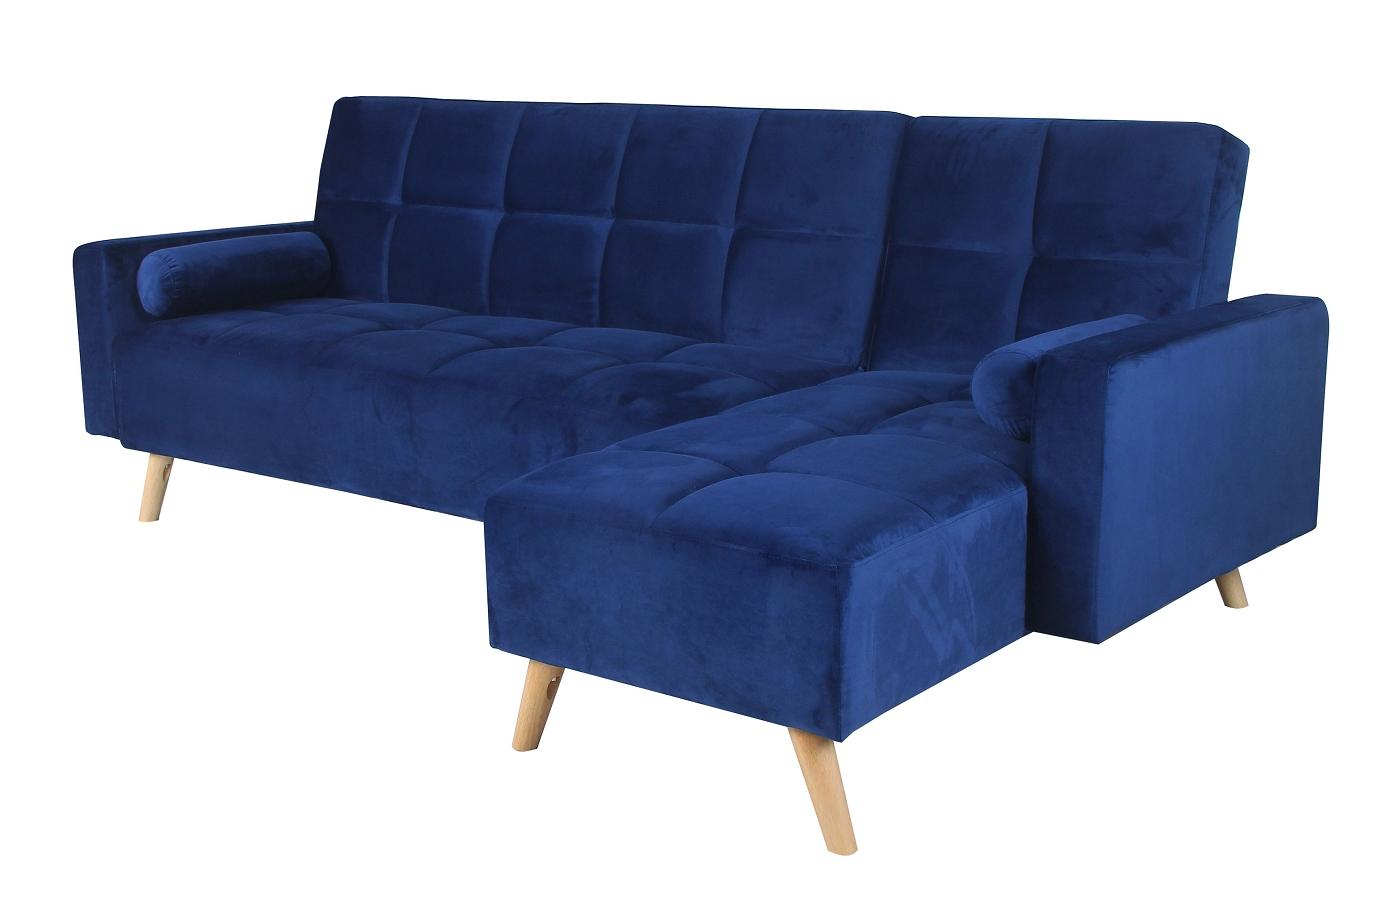 Full Size of Couch Ausklappbar Ecksofa Mariam Ii Blau 144 162cml Tx251cmbx89cm Ausklappbares Bett Wohnzimmer Couch Ausklappbar